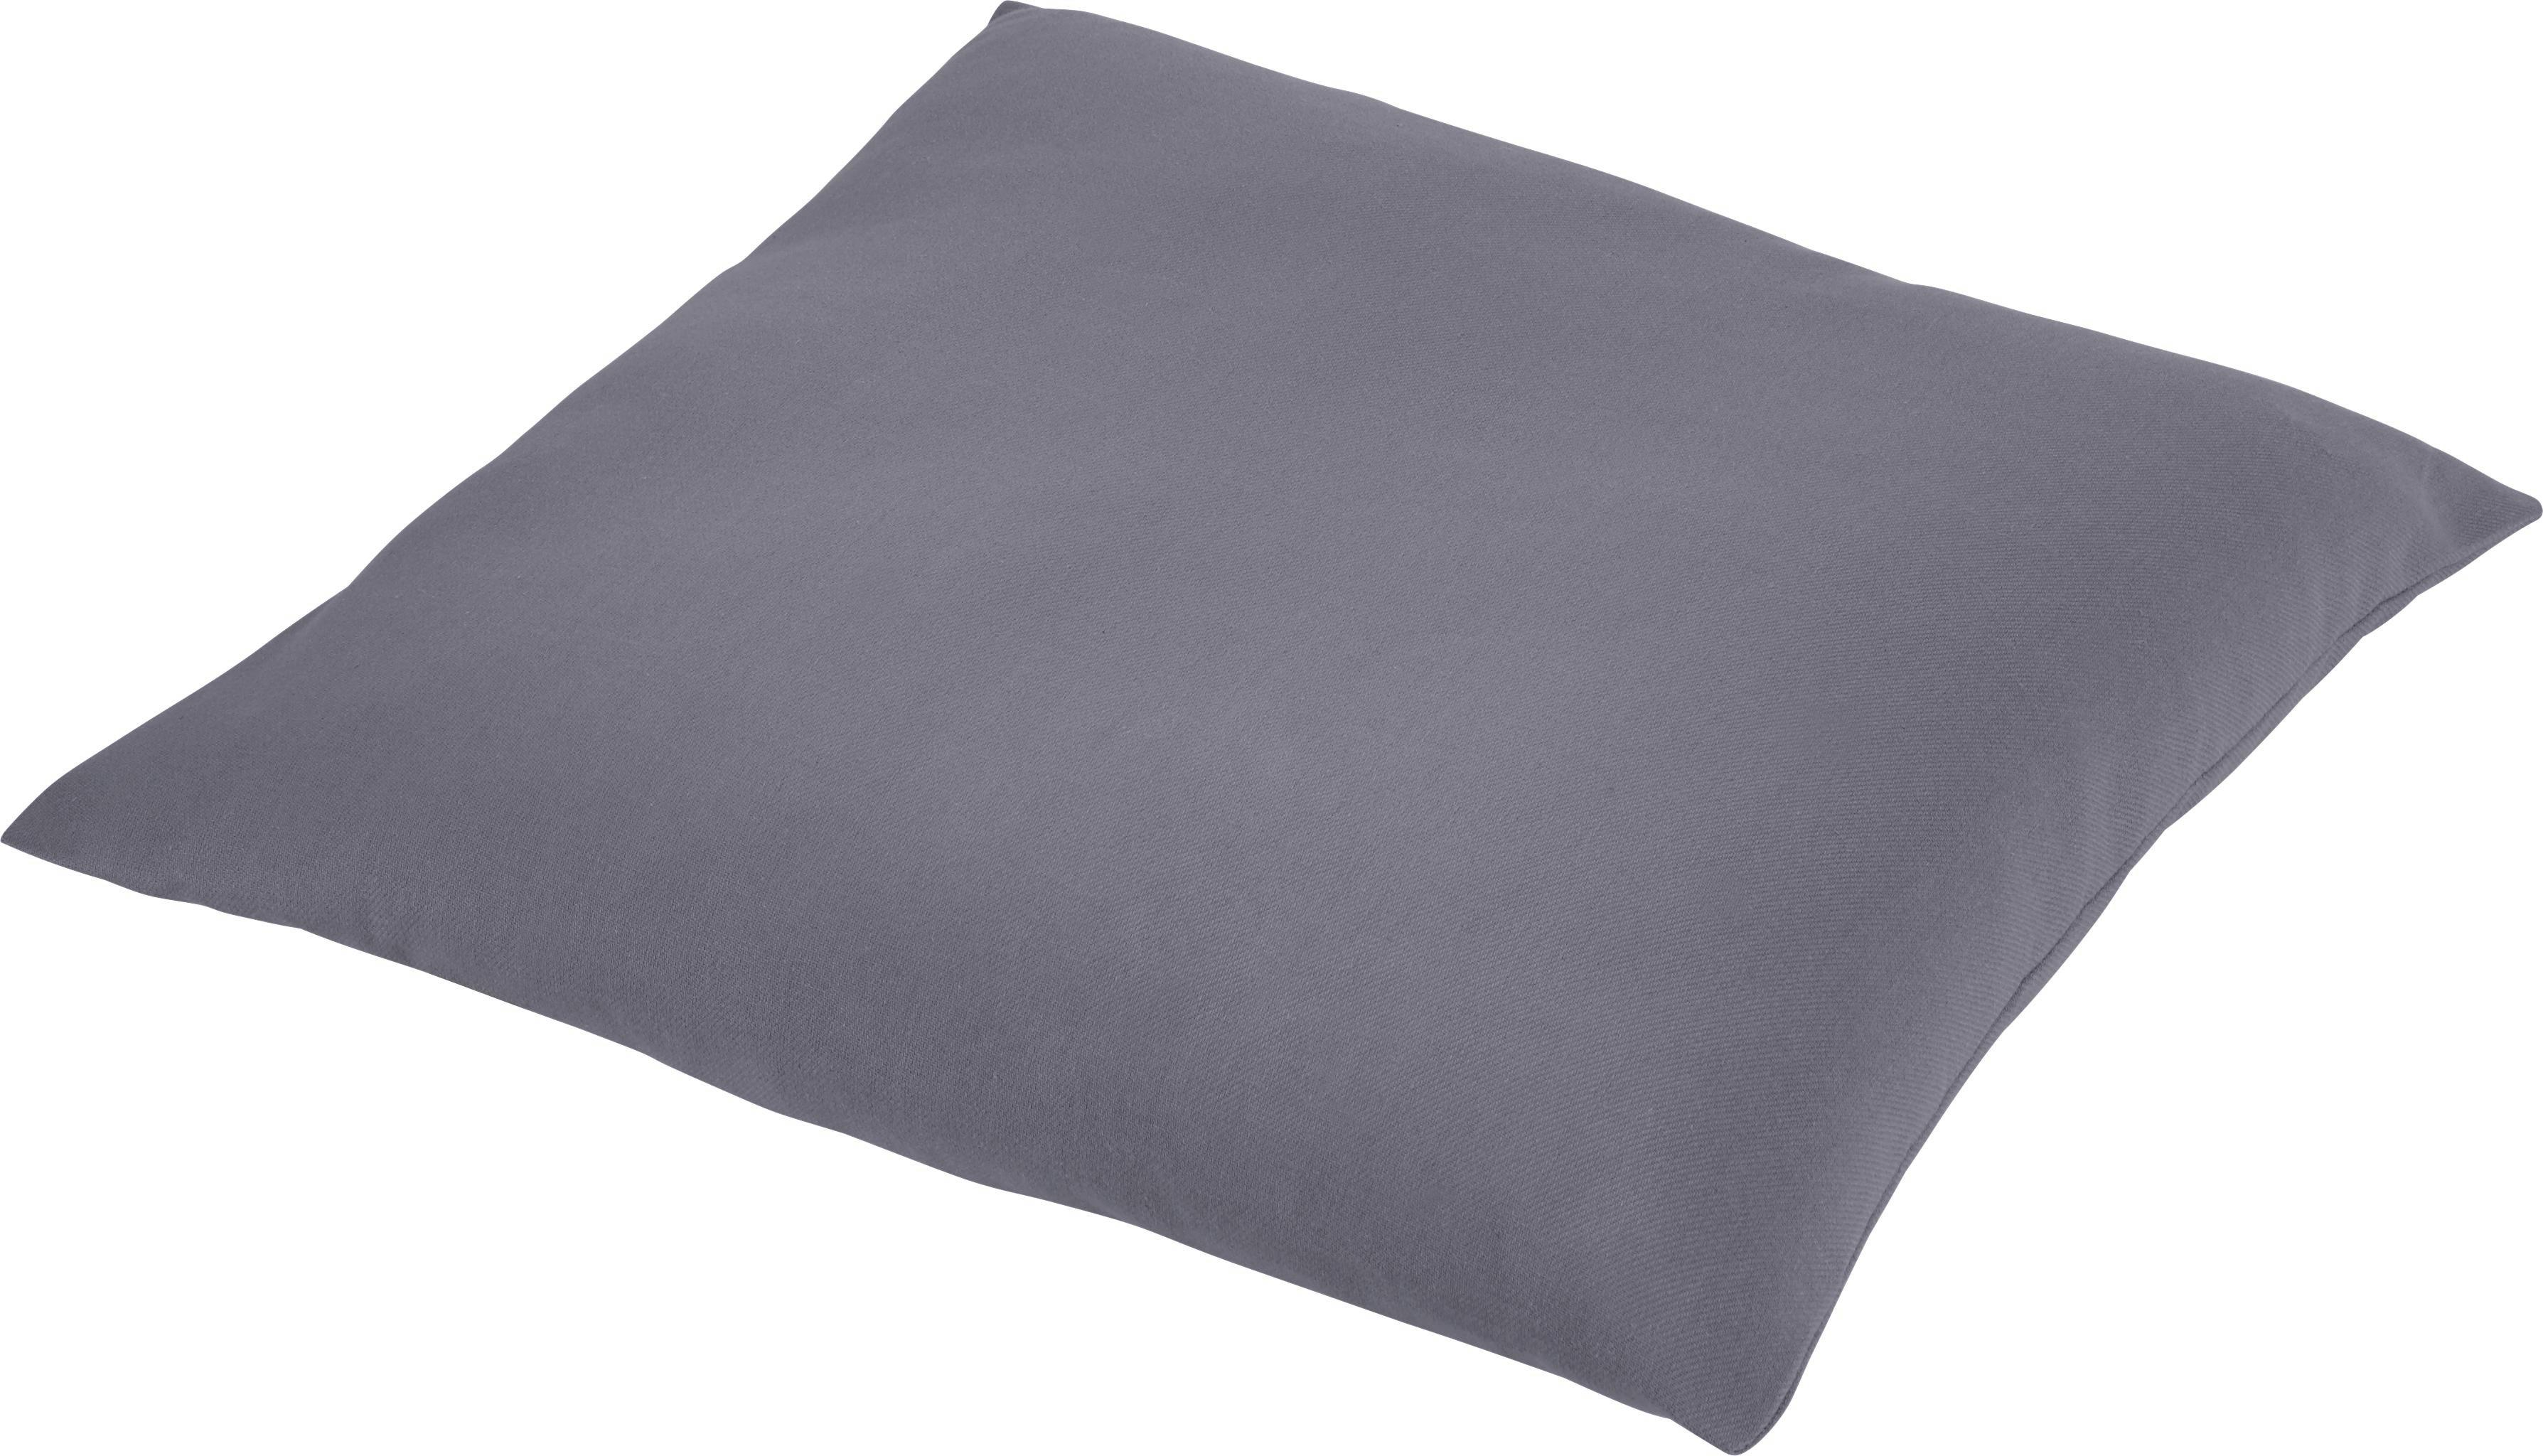 Zierkissen Diane 50x50cm - Grau, KONVENTIONELL, Textil (50/50cm) - MÖMAX modern living